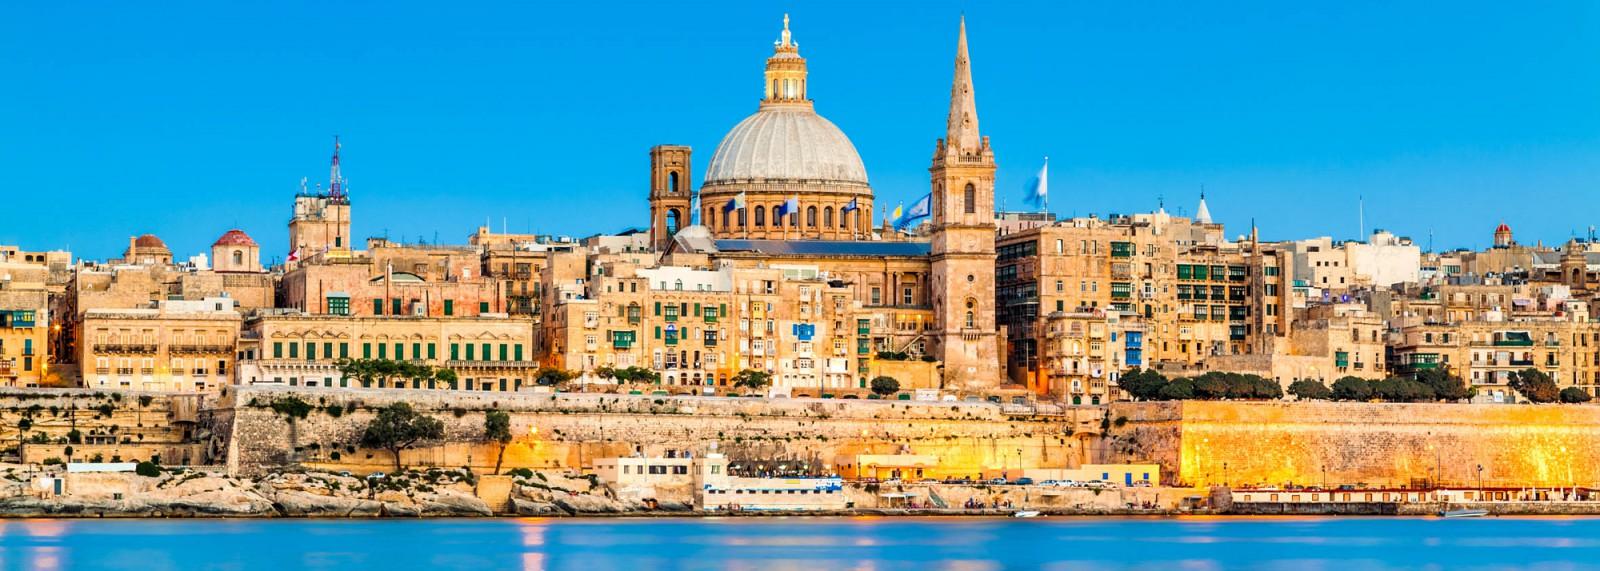 На фото: © Путешествия. Тайное обаяние Мальты, автор: admin